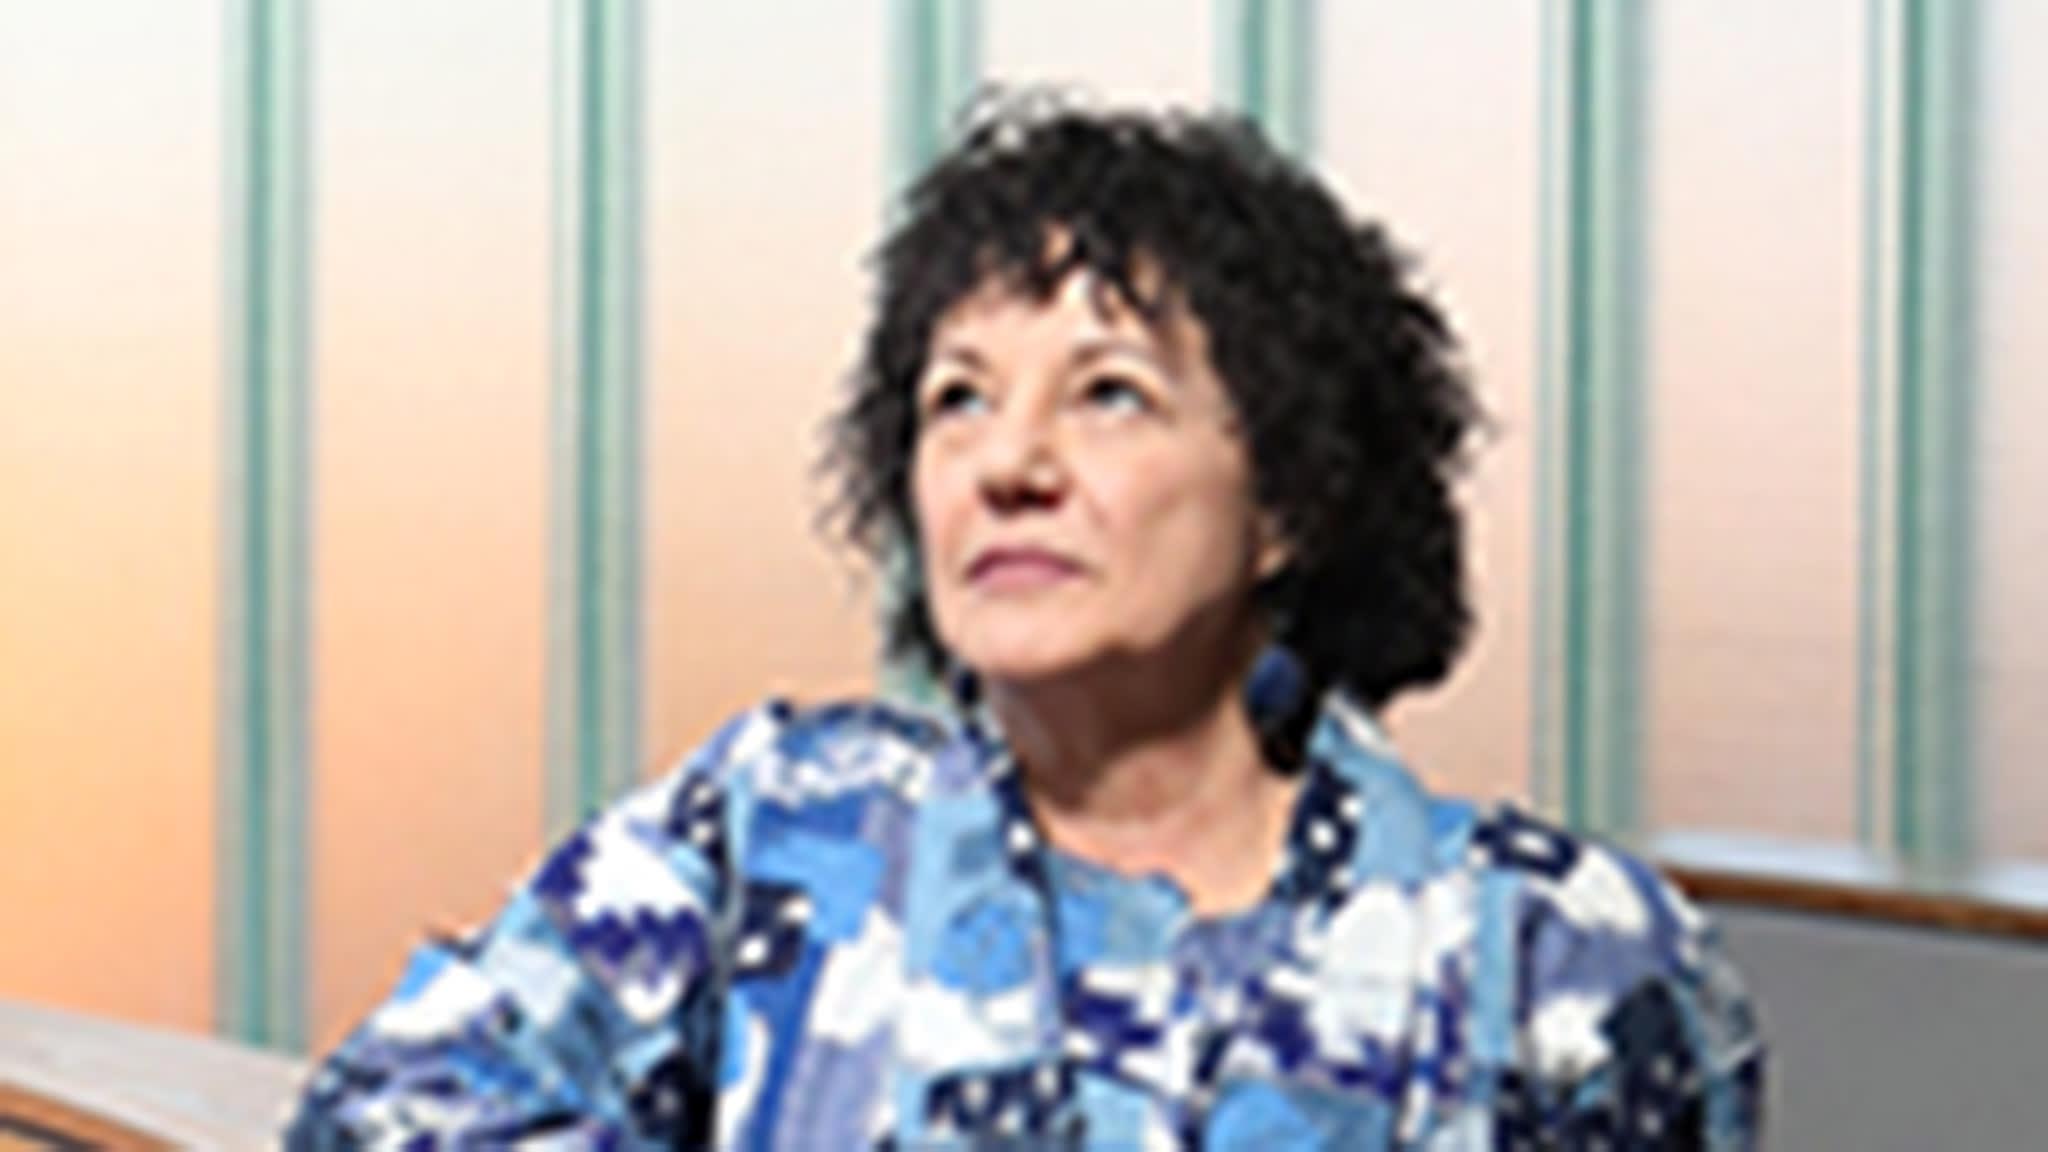 Freada Kapor Klein: Silicon Valley's diversity activist